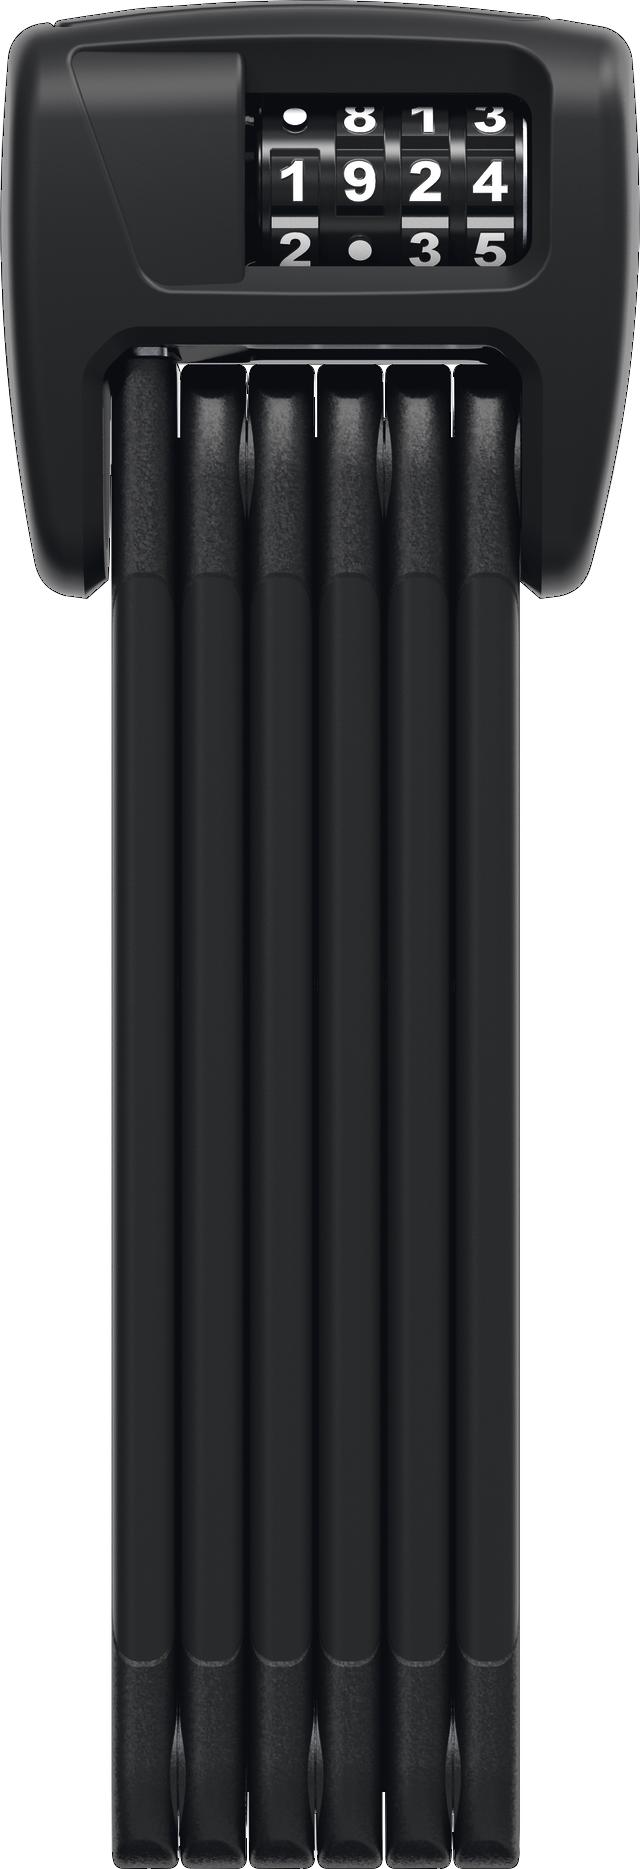 Faltschloss - BORDO™ 6000C LED